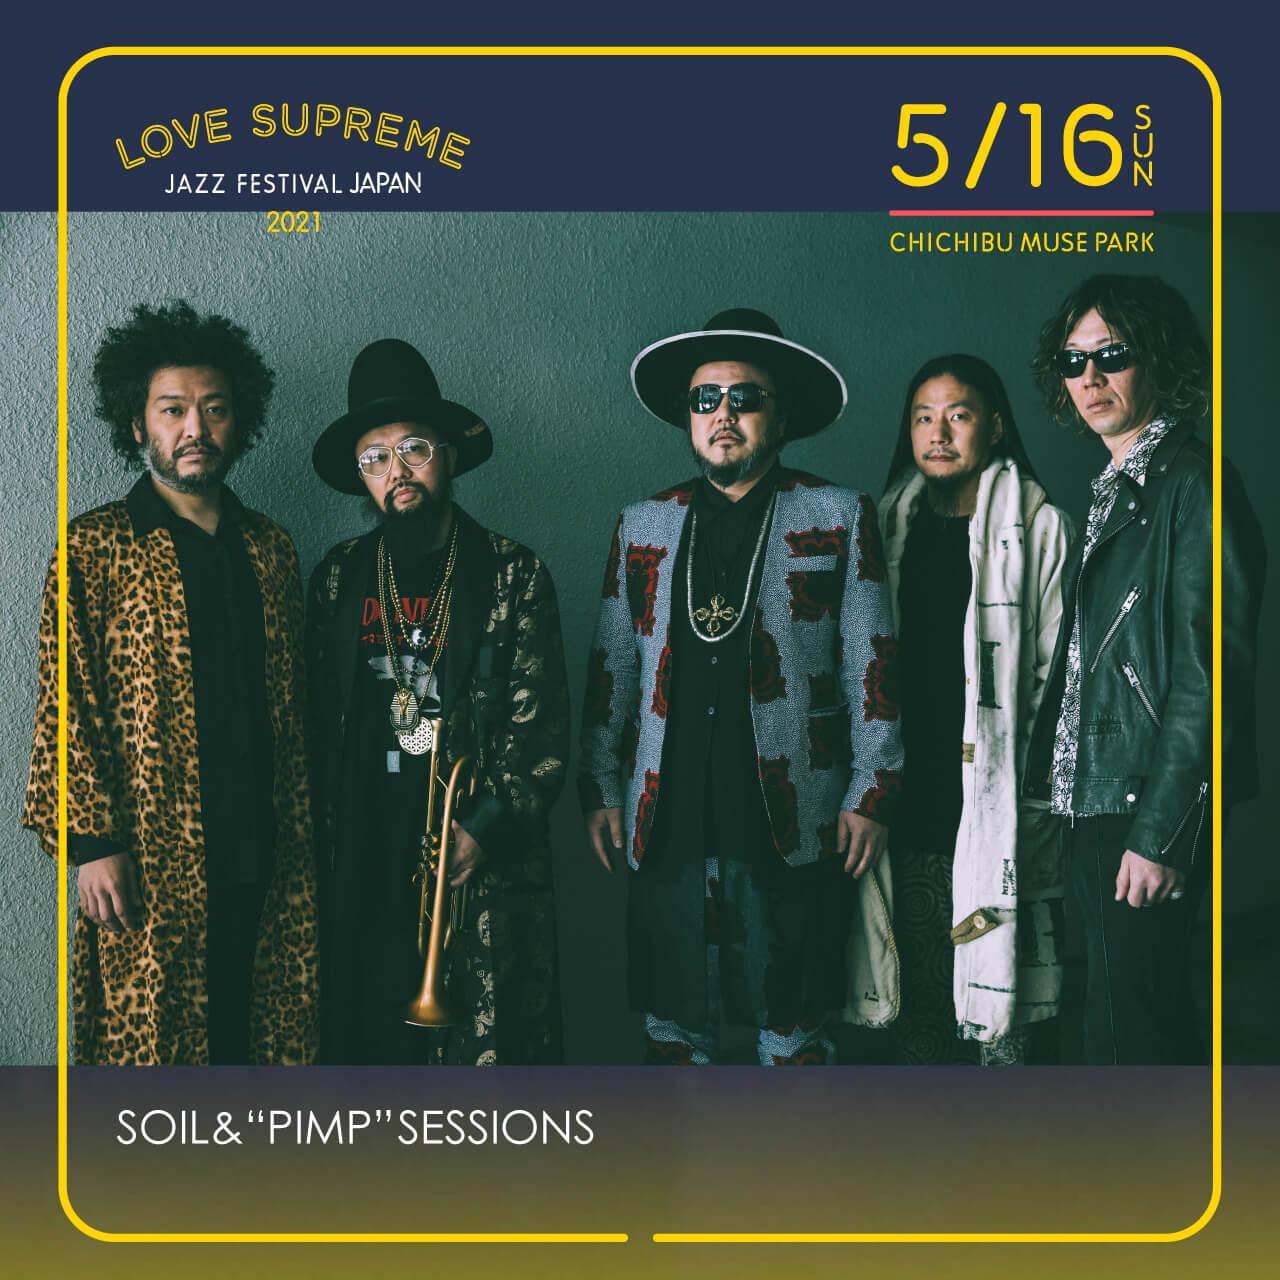 ジャズの祭典<LOVE SUPREME JAZZ FESTIVAL>が日本初開催決定!DREAMS COME TRUE、Ovall、WONKら第1弾アーティスト発表 music210308_lovesupreme_4